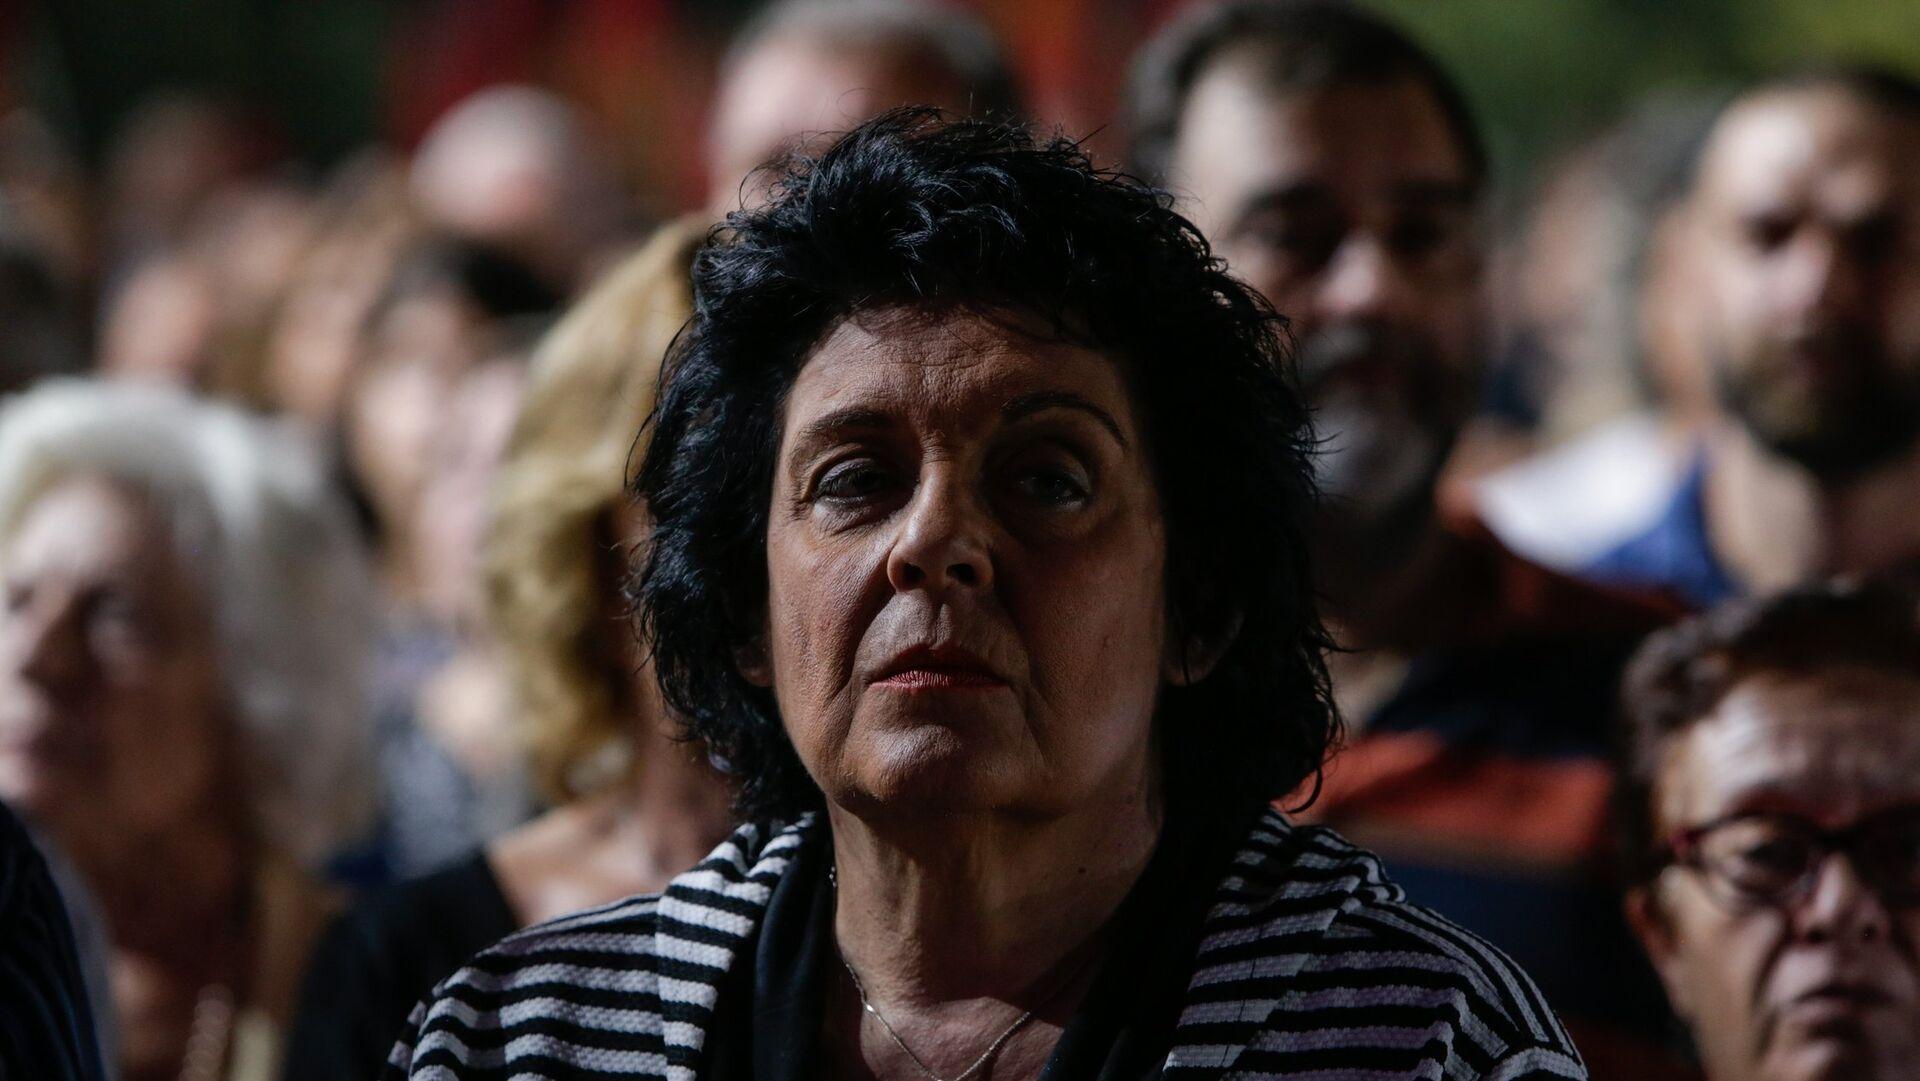 Η βουλευτής του ΚΚΕ Λιάνα Κανέλλη - Sputnik Ελλάδα, 1920, 07.10.2021